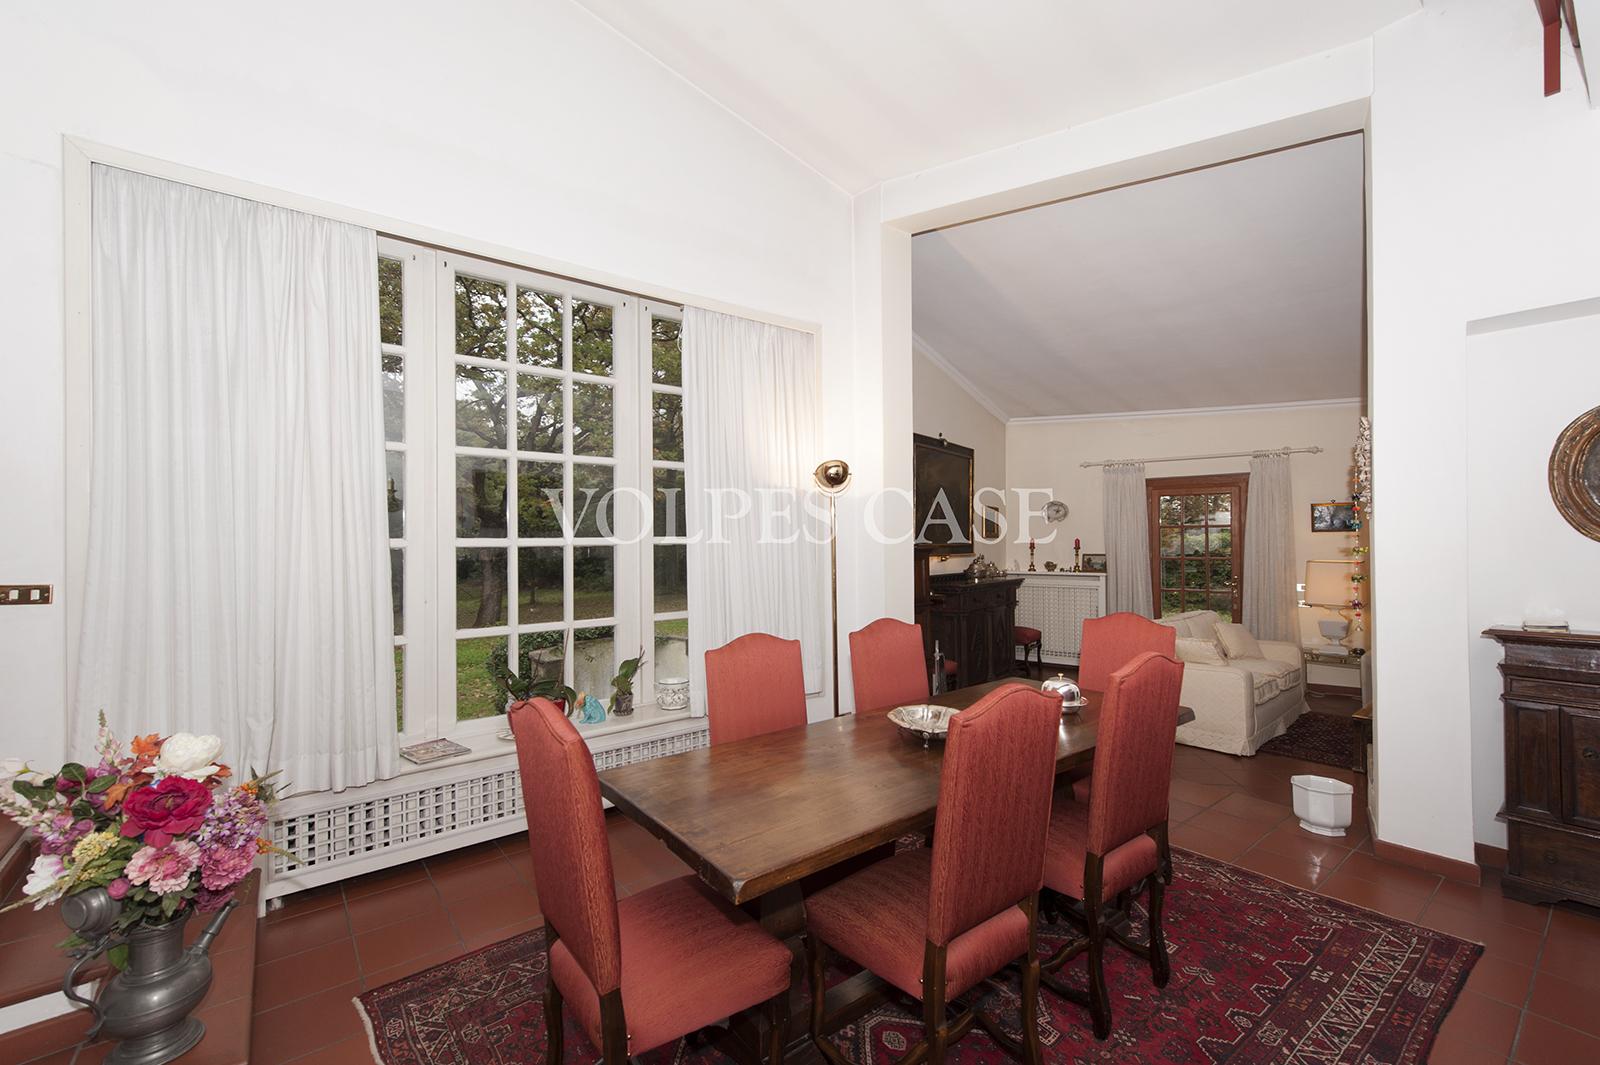 Villa Bifamiliare in vendita a Formello, 8 locali, zona Località: CasteldeCeveri, prezzo € 480.000 | CambioCasa.it